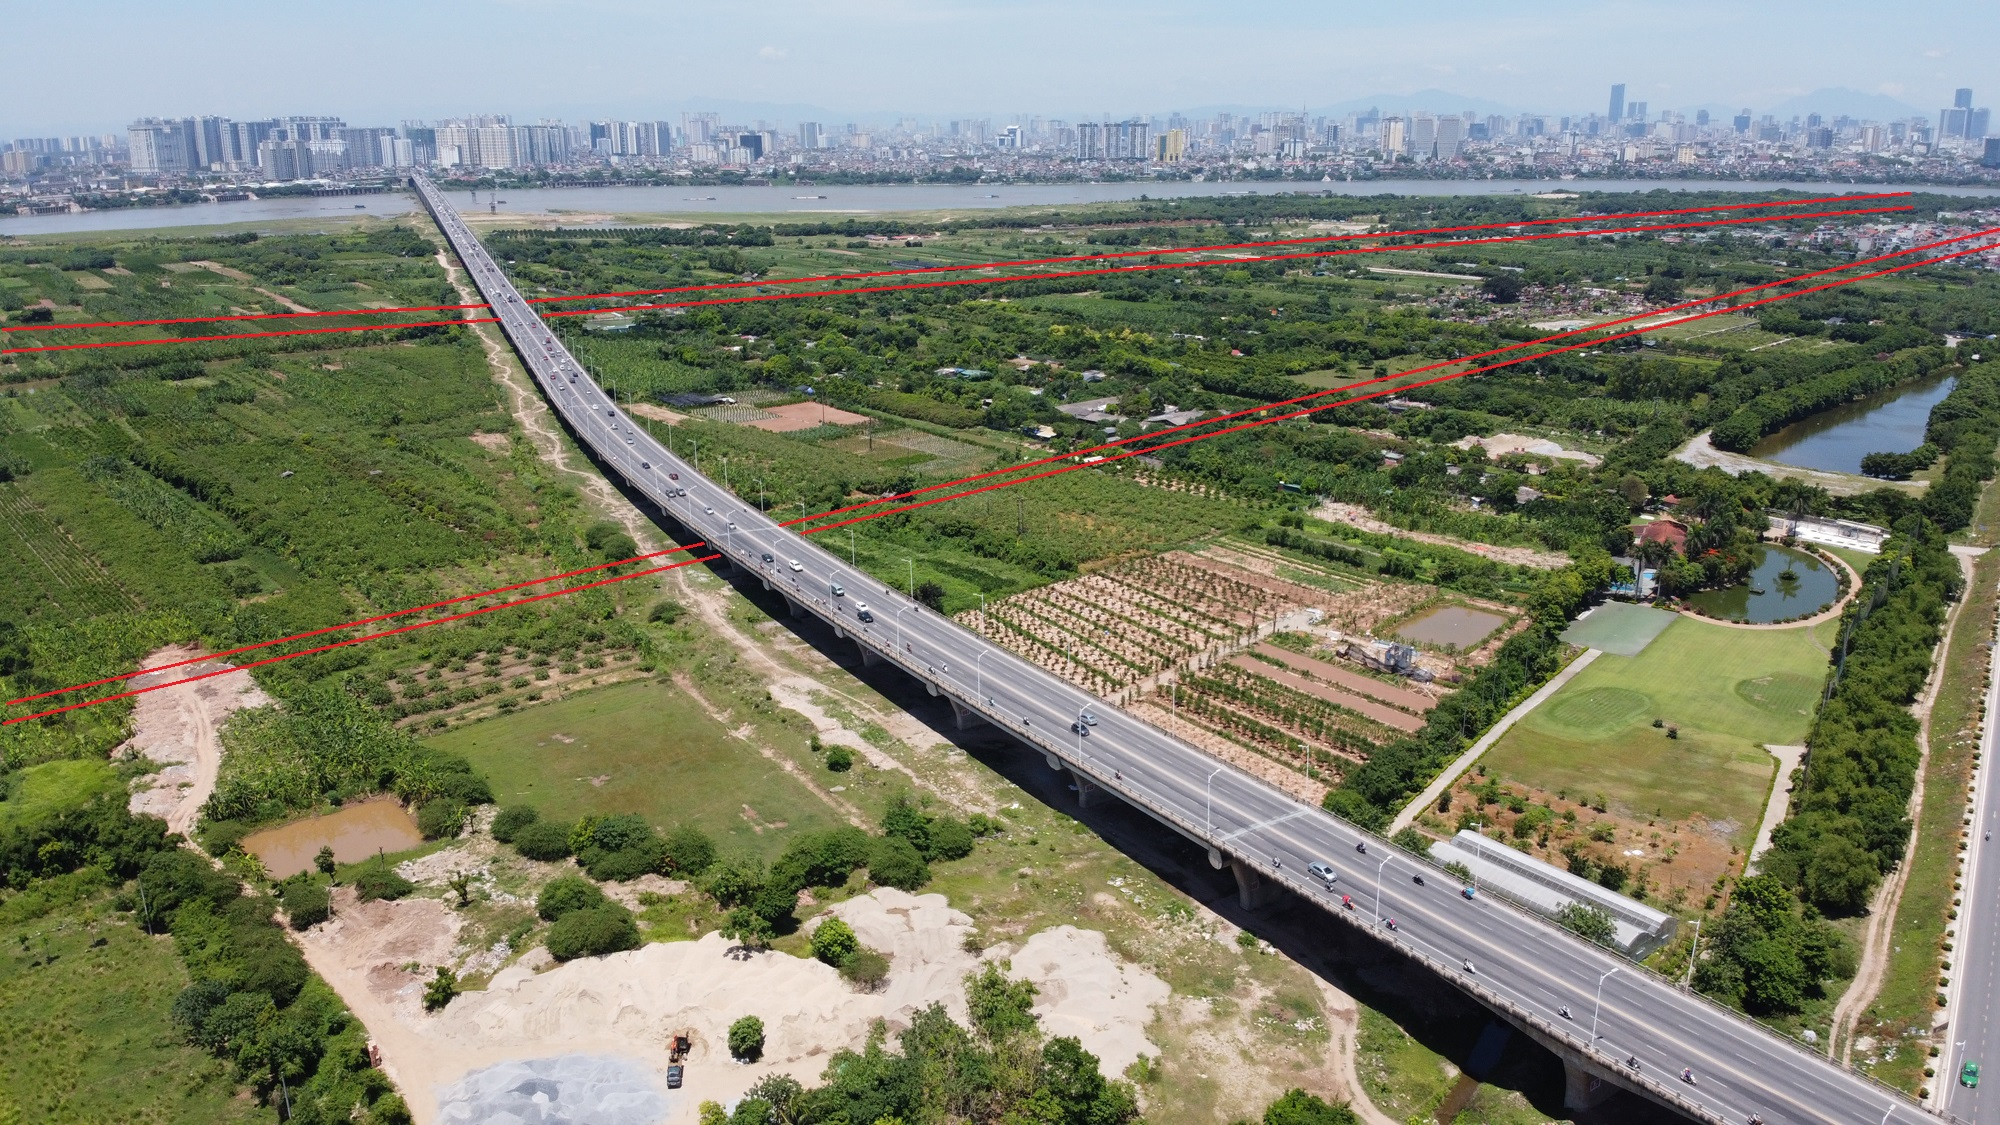 5 đường sẽ mở theo qui hoạch ở phường Long Biên, quận Long Biên, Hà Nội - Ảnh 7.